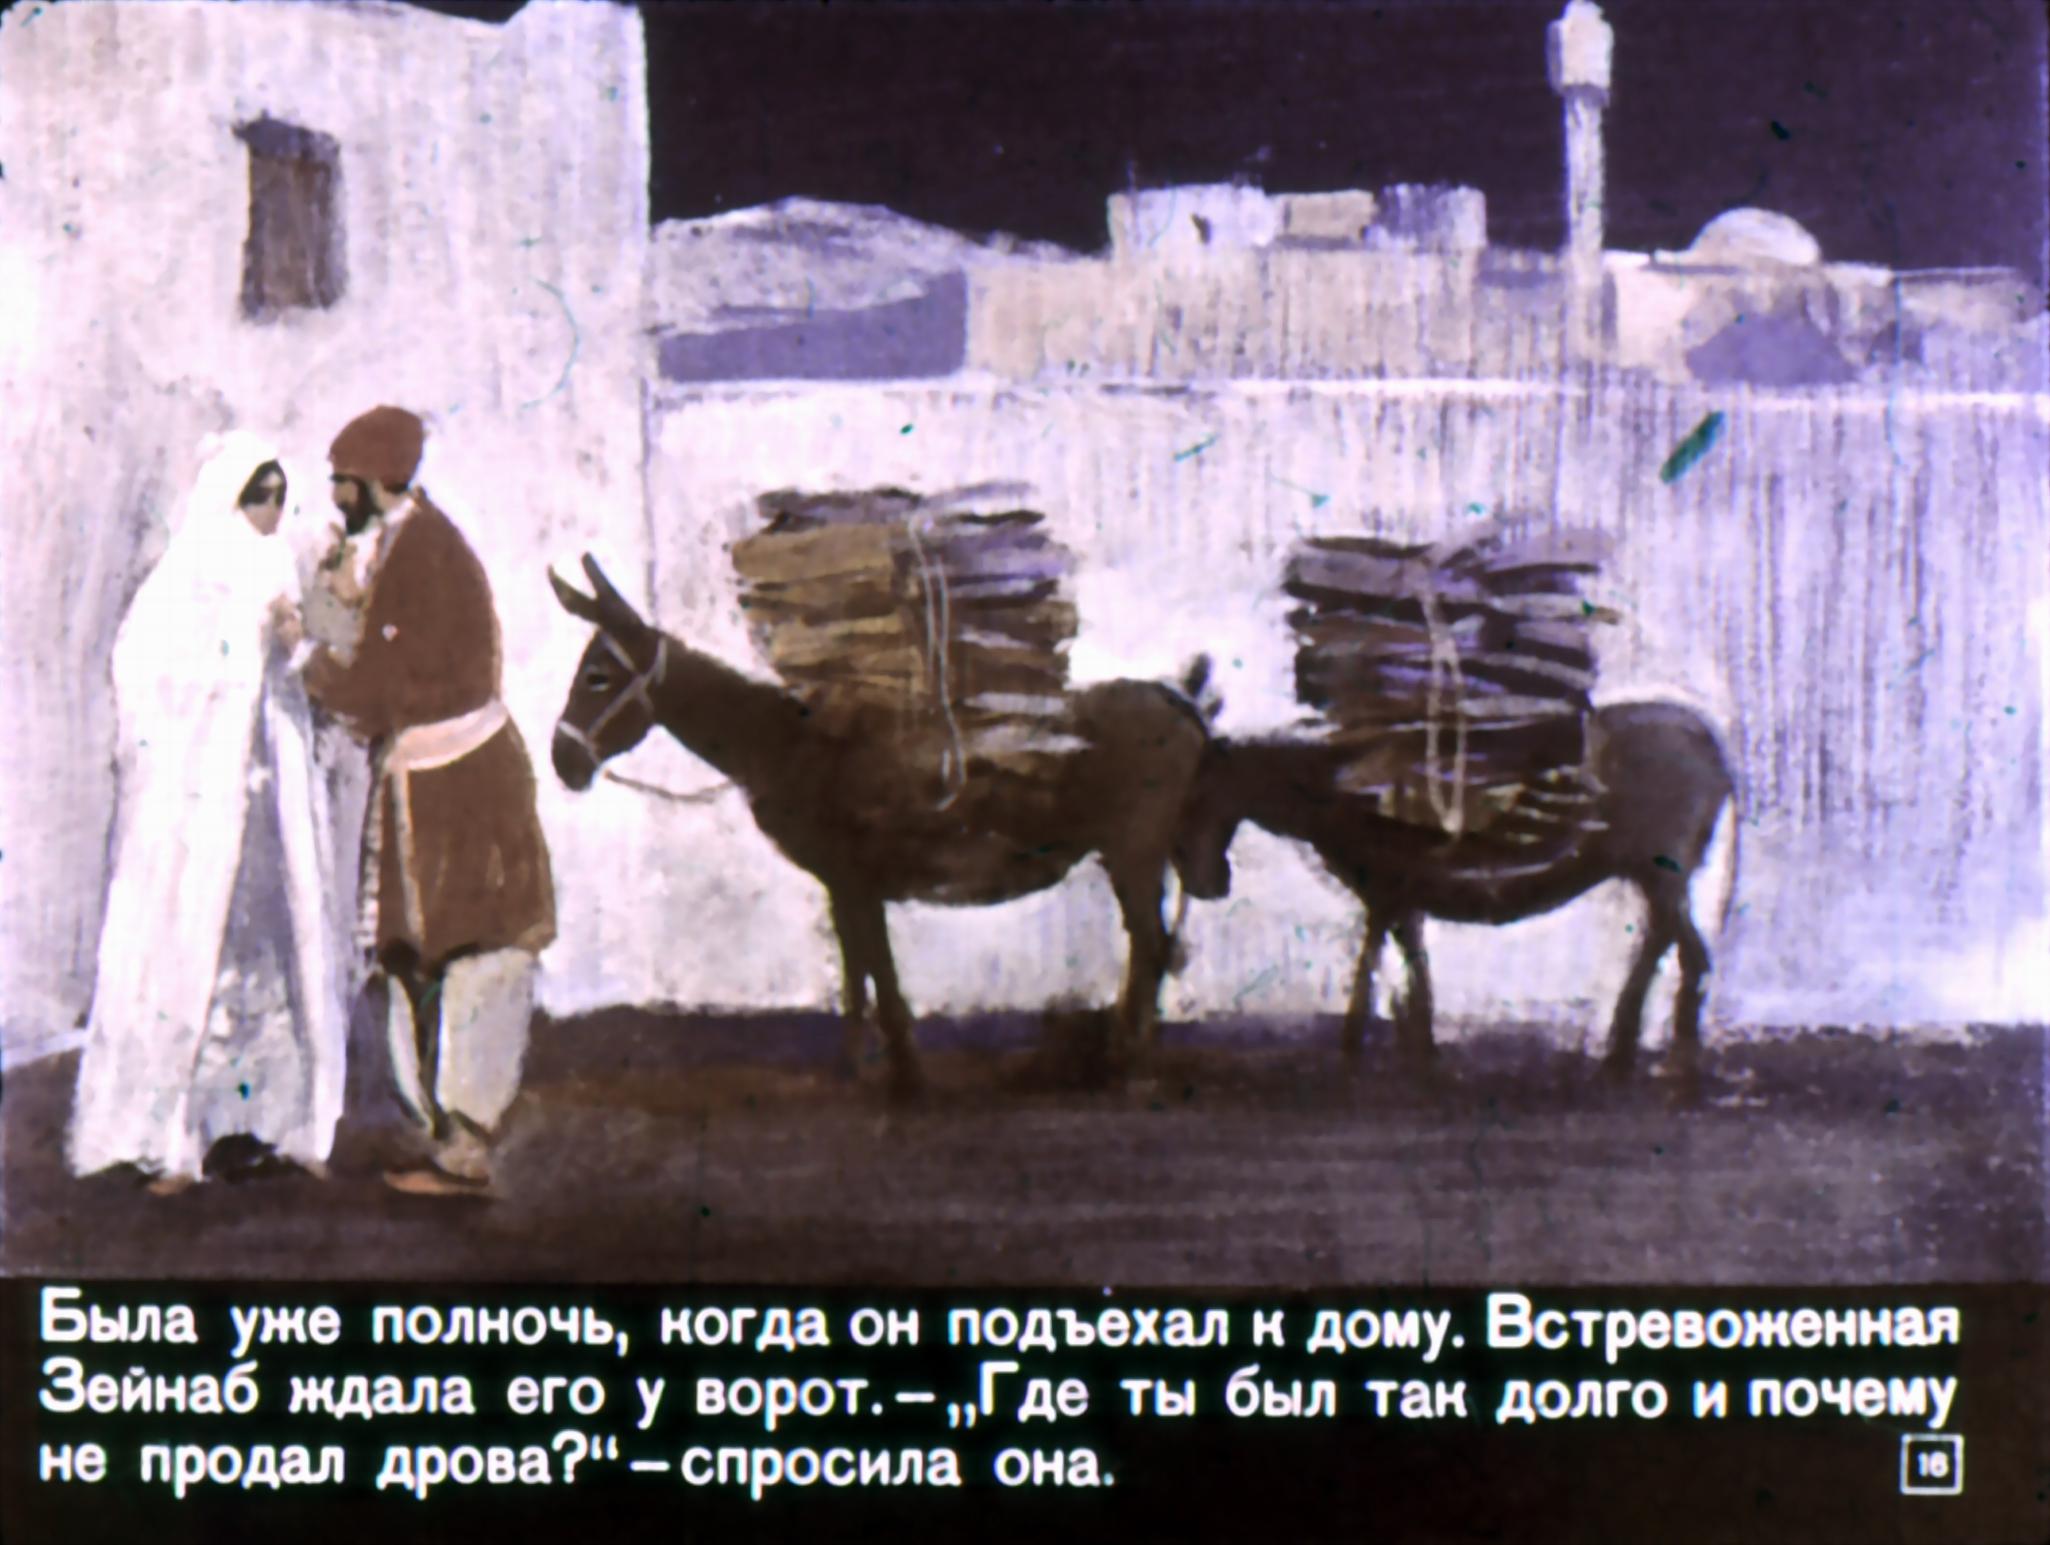 Рассказ великолепная зейнаб 4 фотография